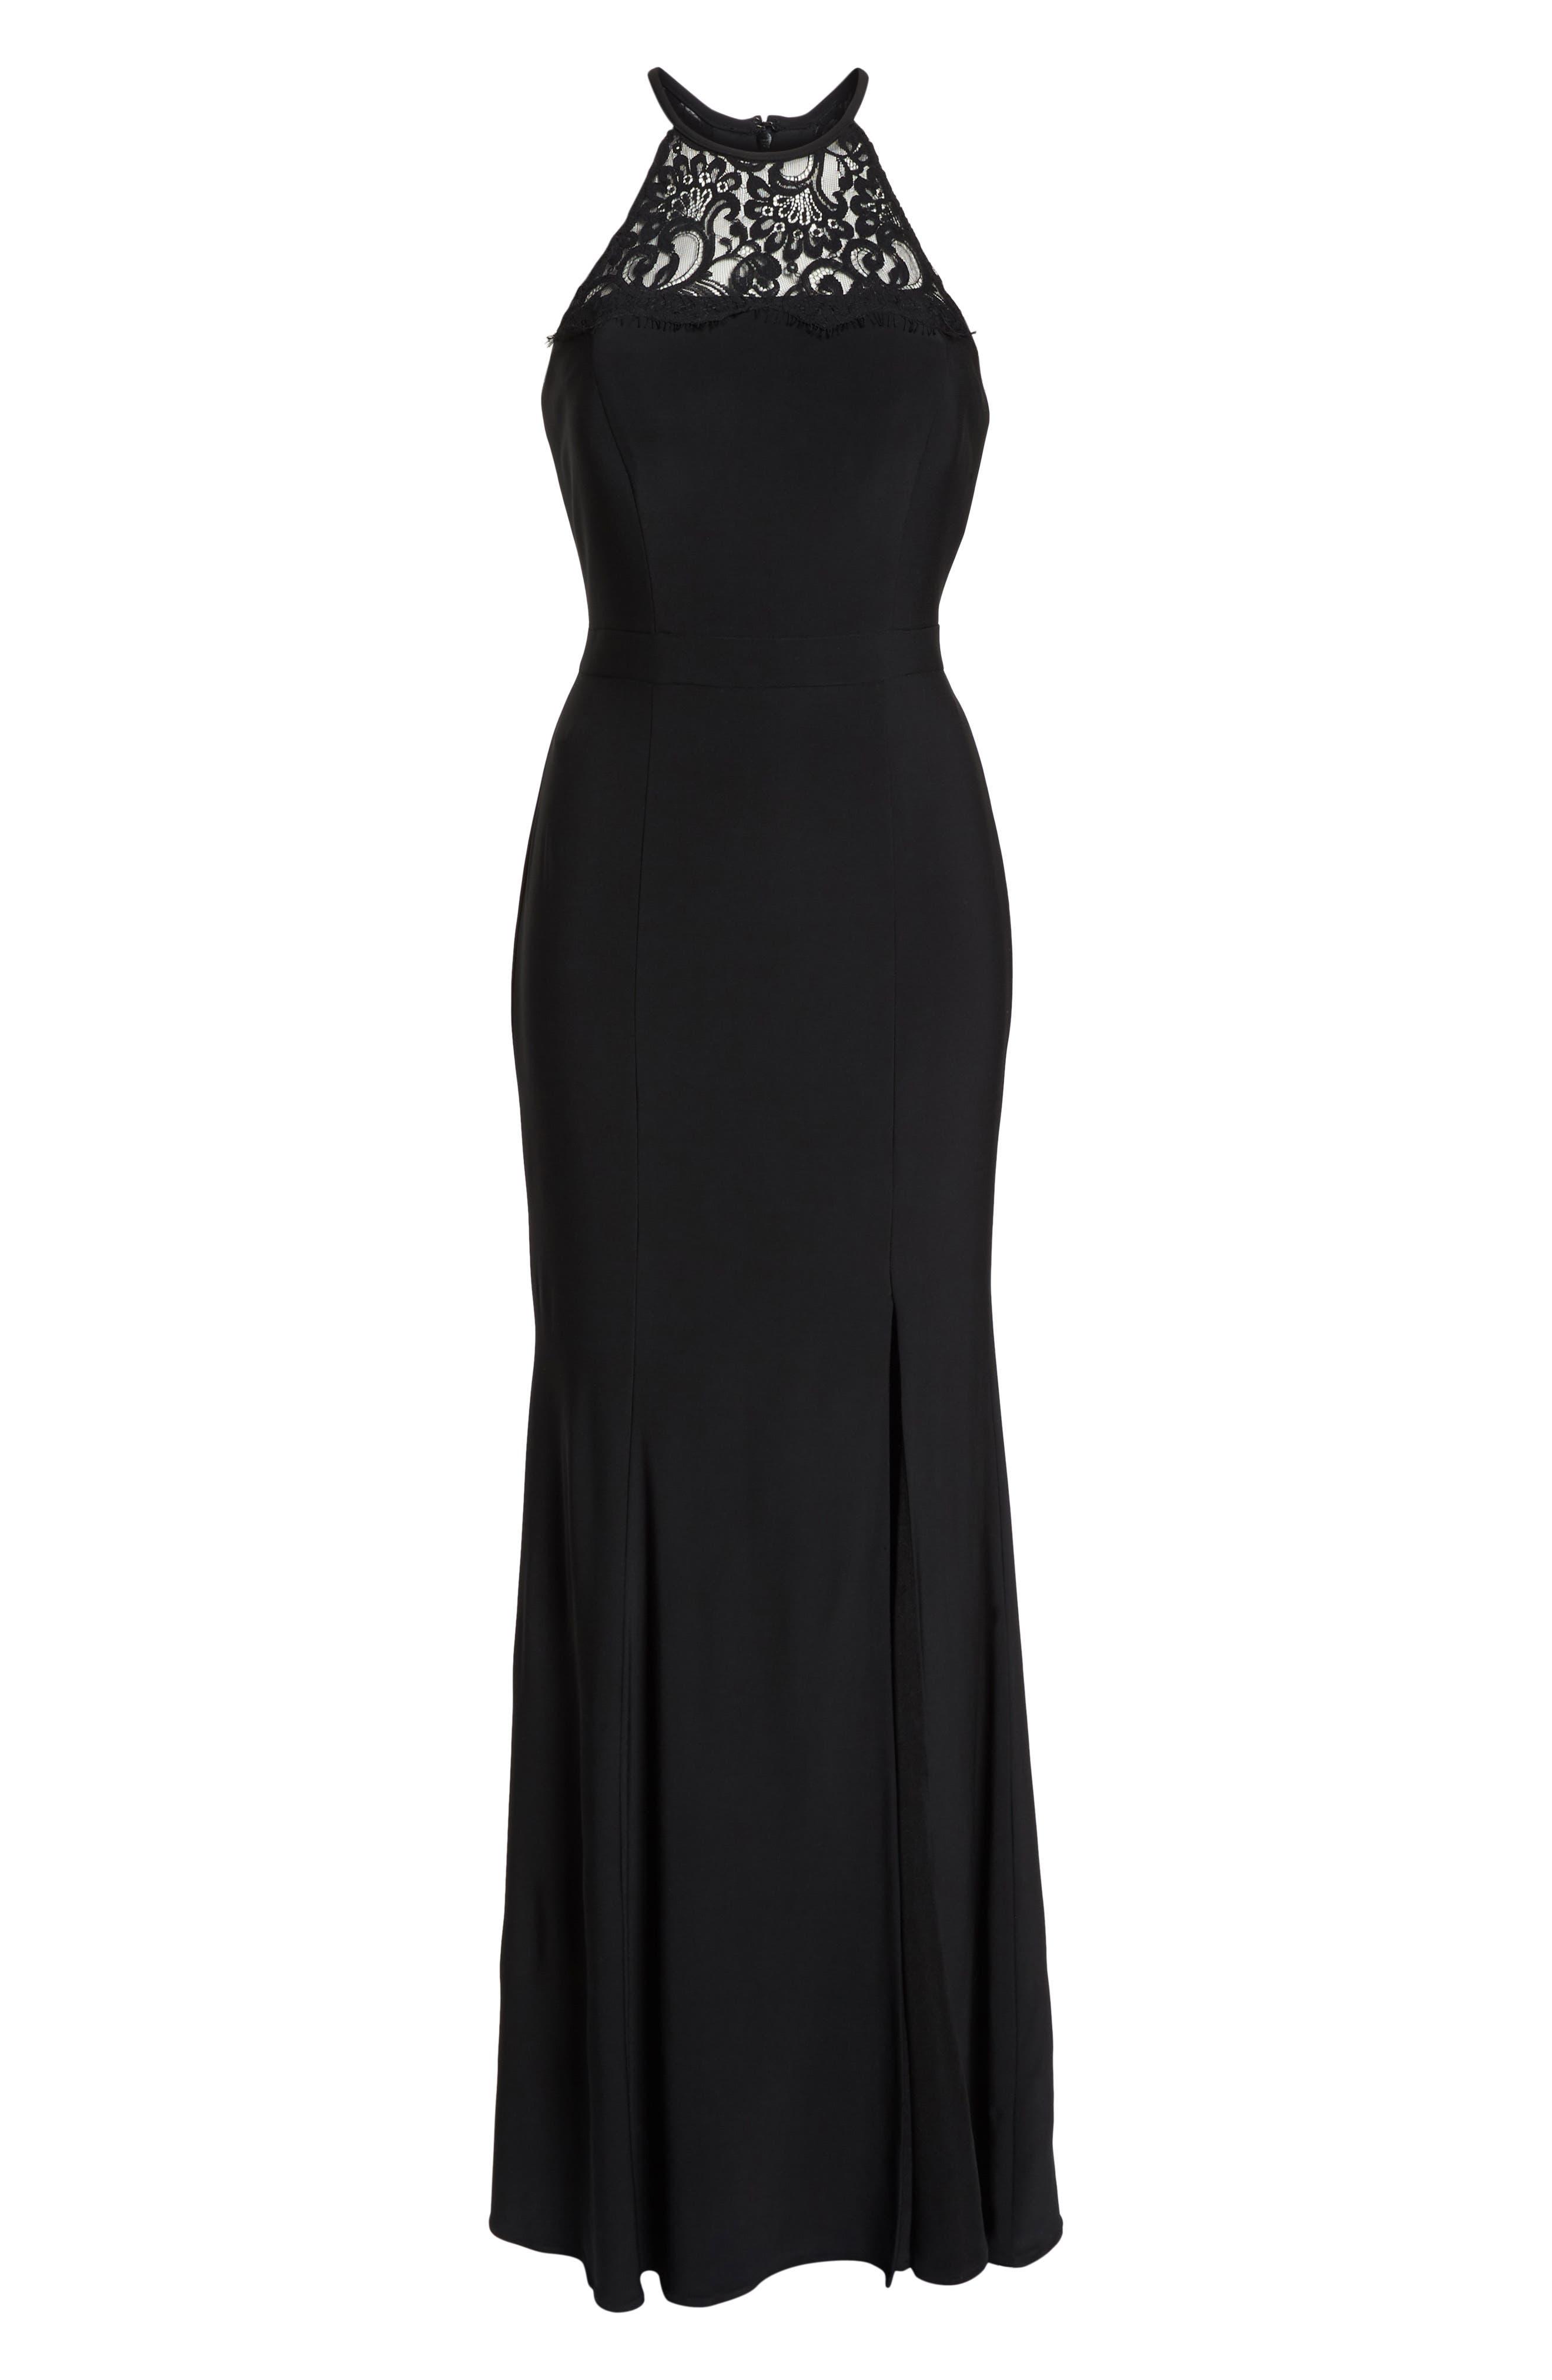 Lace Neck Halter Gown,                             Alternate thumbnail 7, color,                             Black